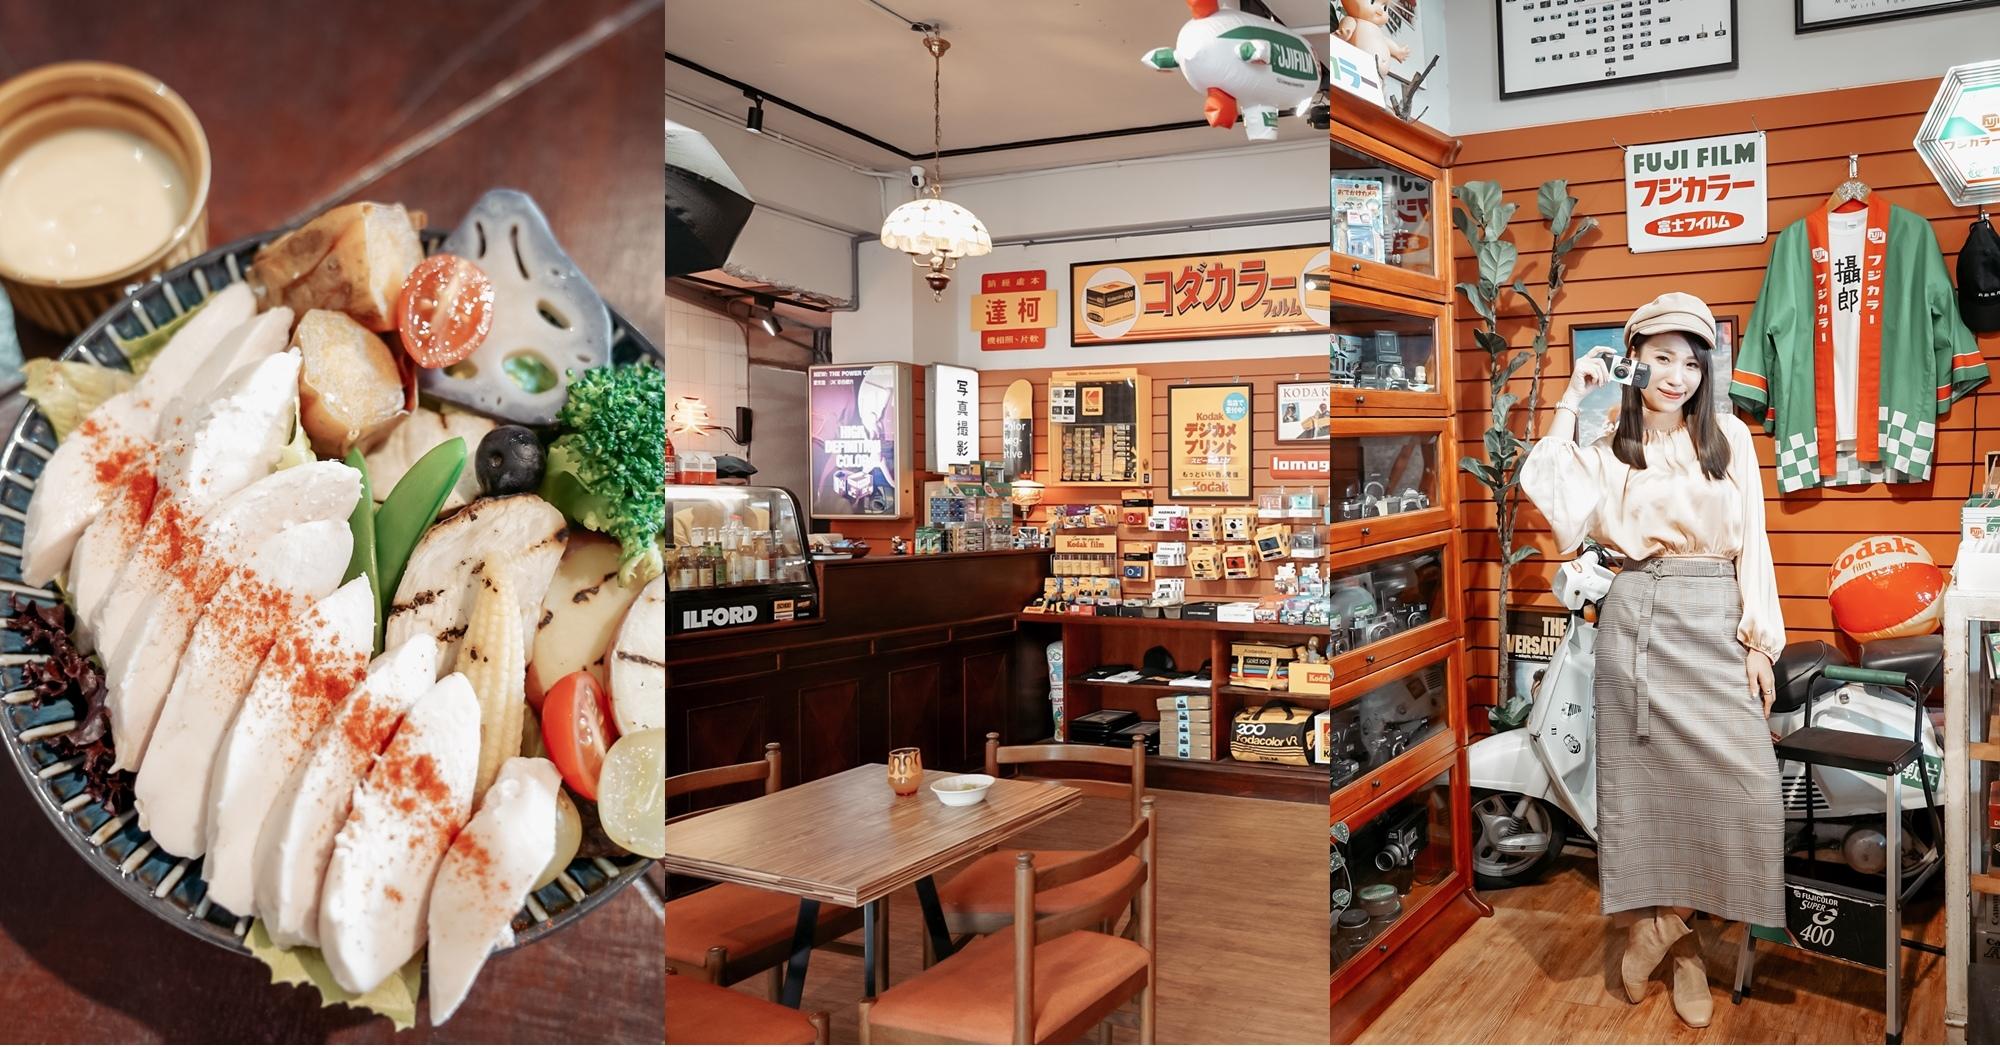 台南中西區 又又美FotoShop 歡迎瘋狂拍照的輕食咖啡店.jpg